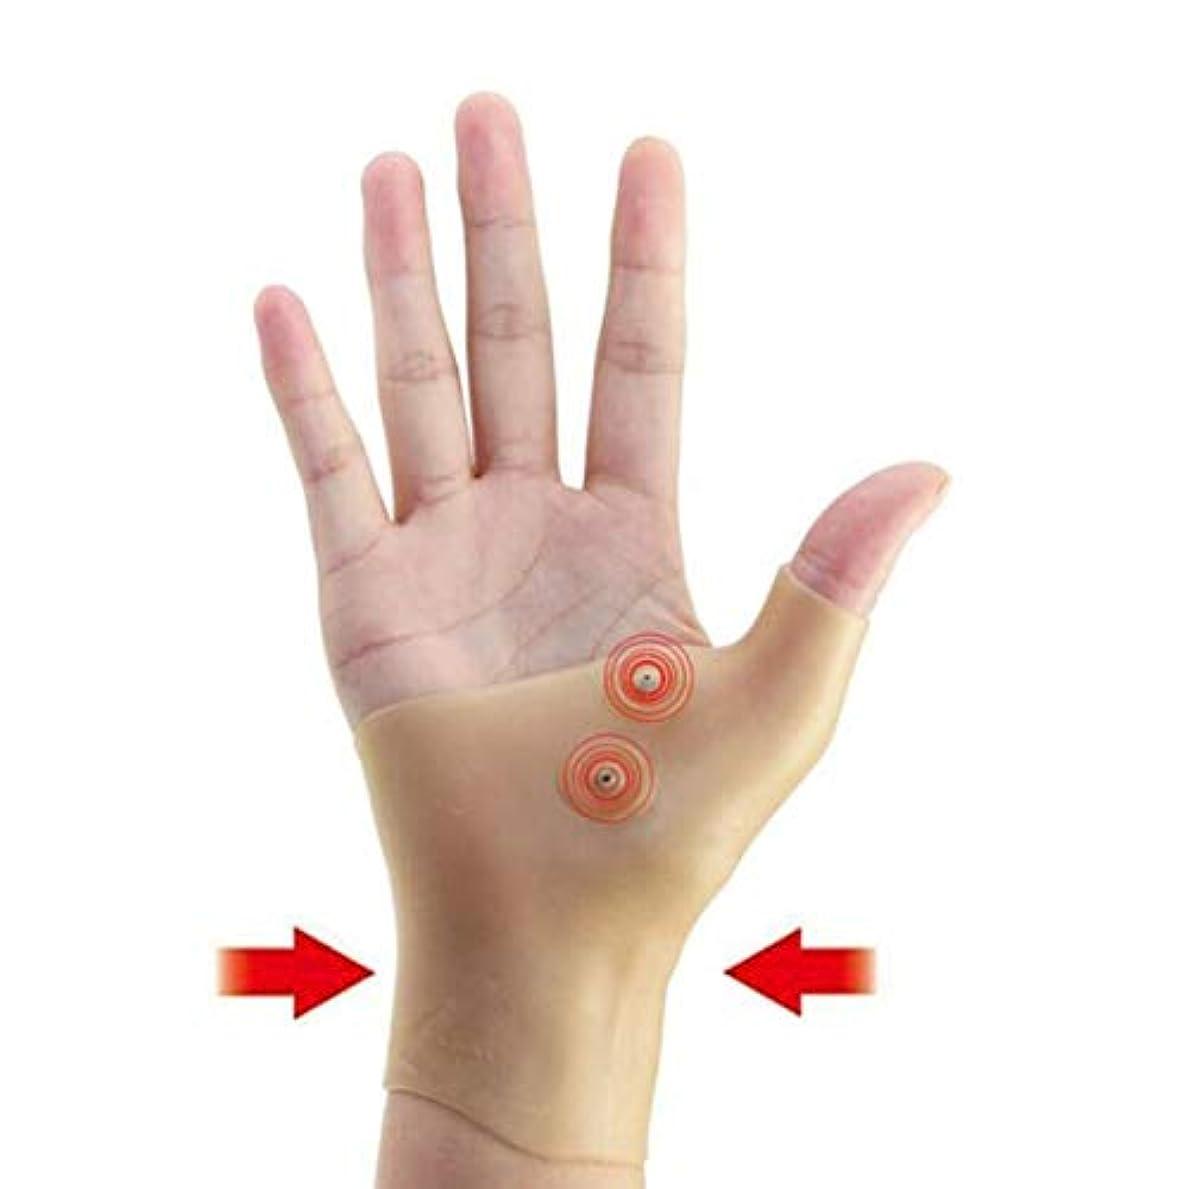 ドットアフリカ人ホップ磁気療法手首手親指サポート手袋シリコーンゲル関節炎圧力矯正器マッサージ痛み緩和手袋 - 肌の色